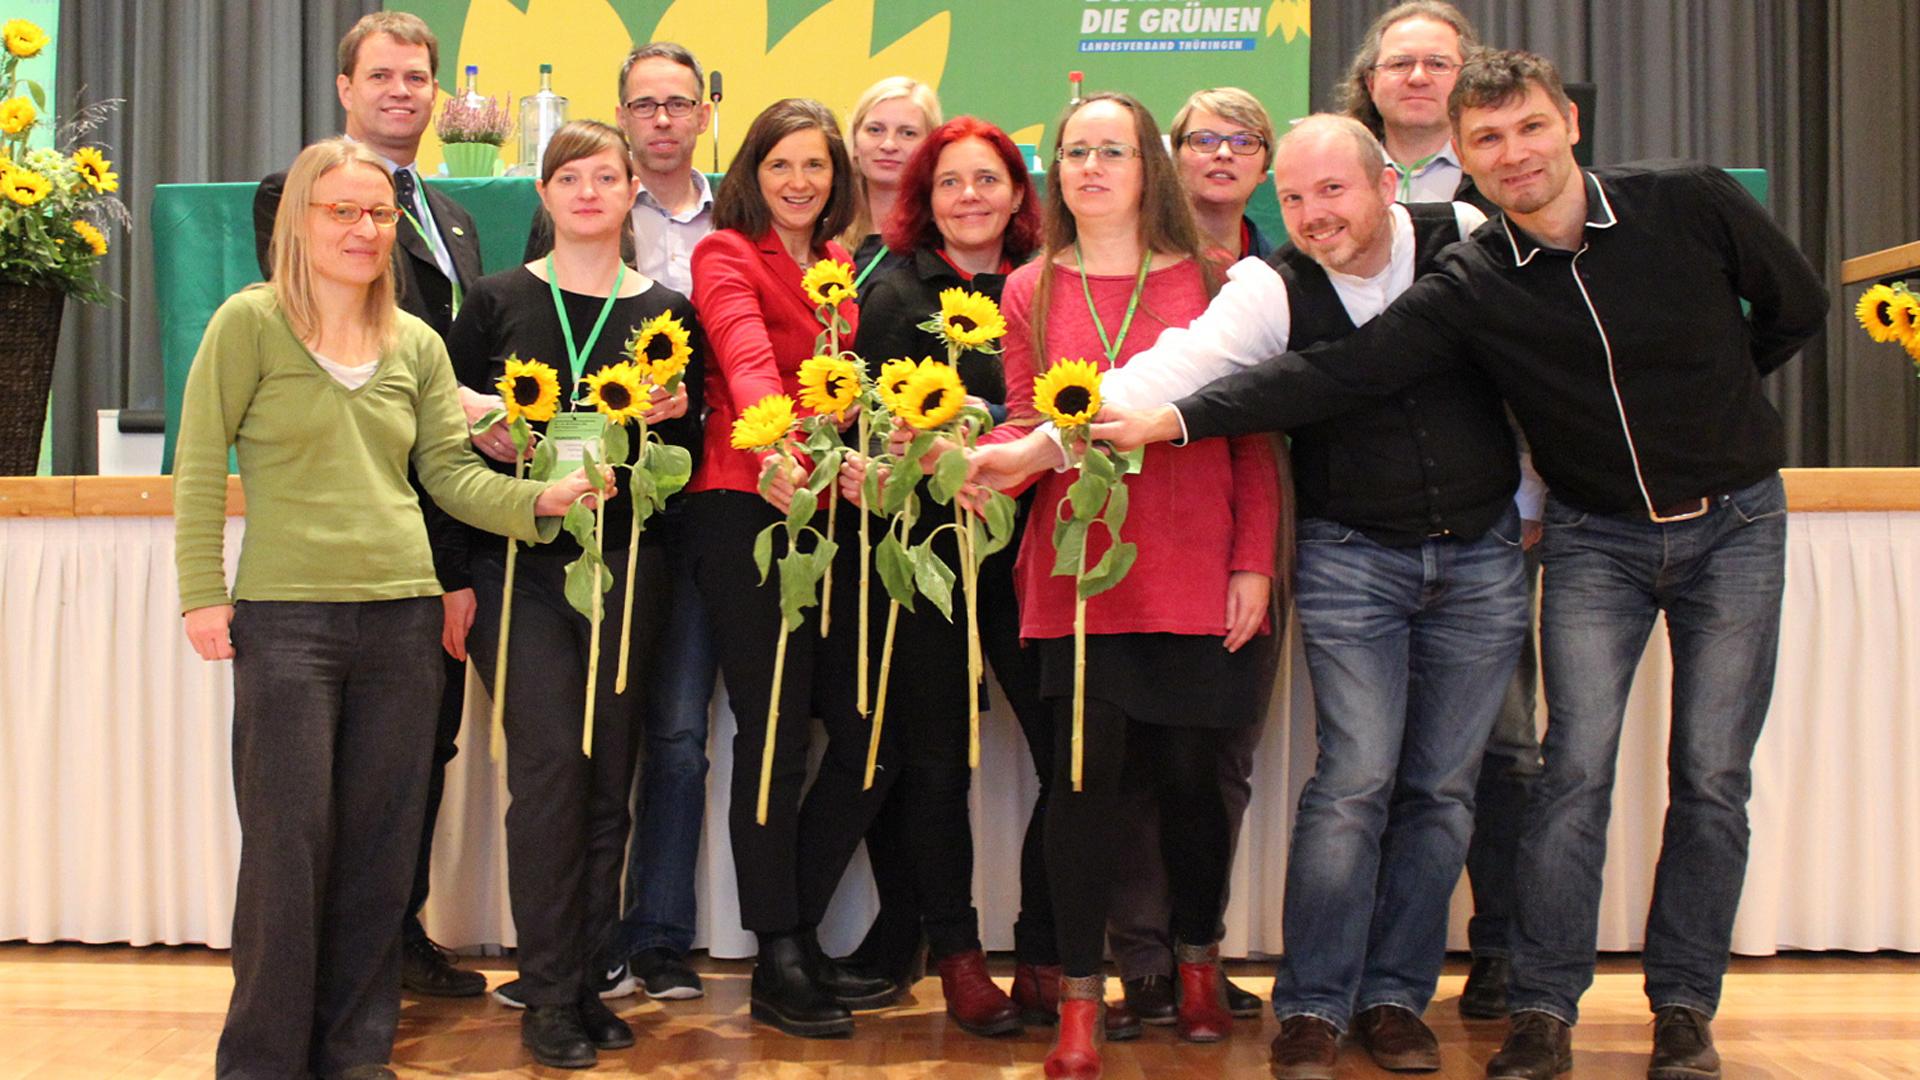 LDK: Klimaschutz und Bundestagswahlkampf